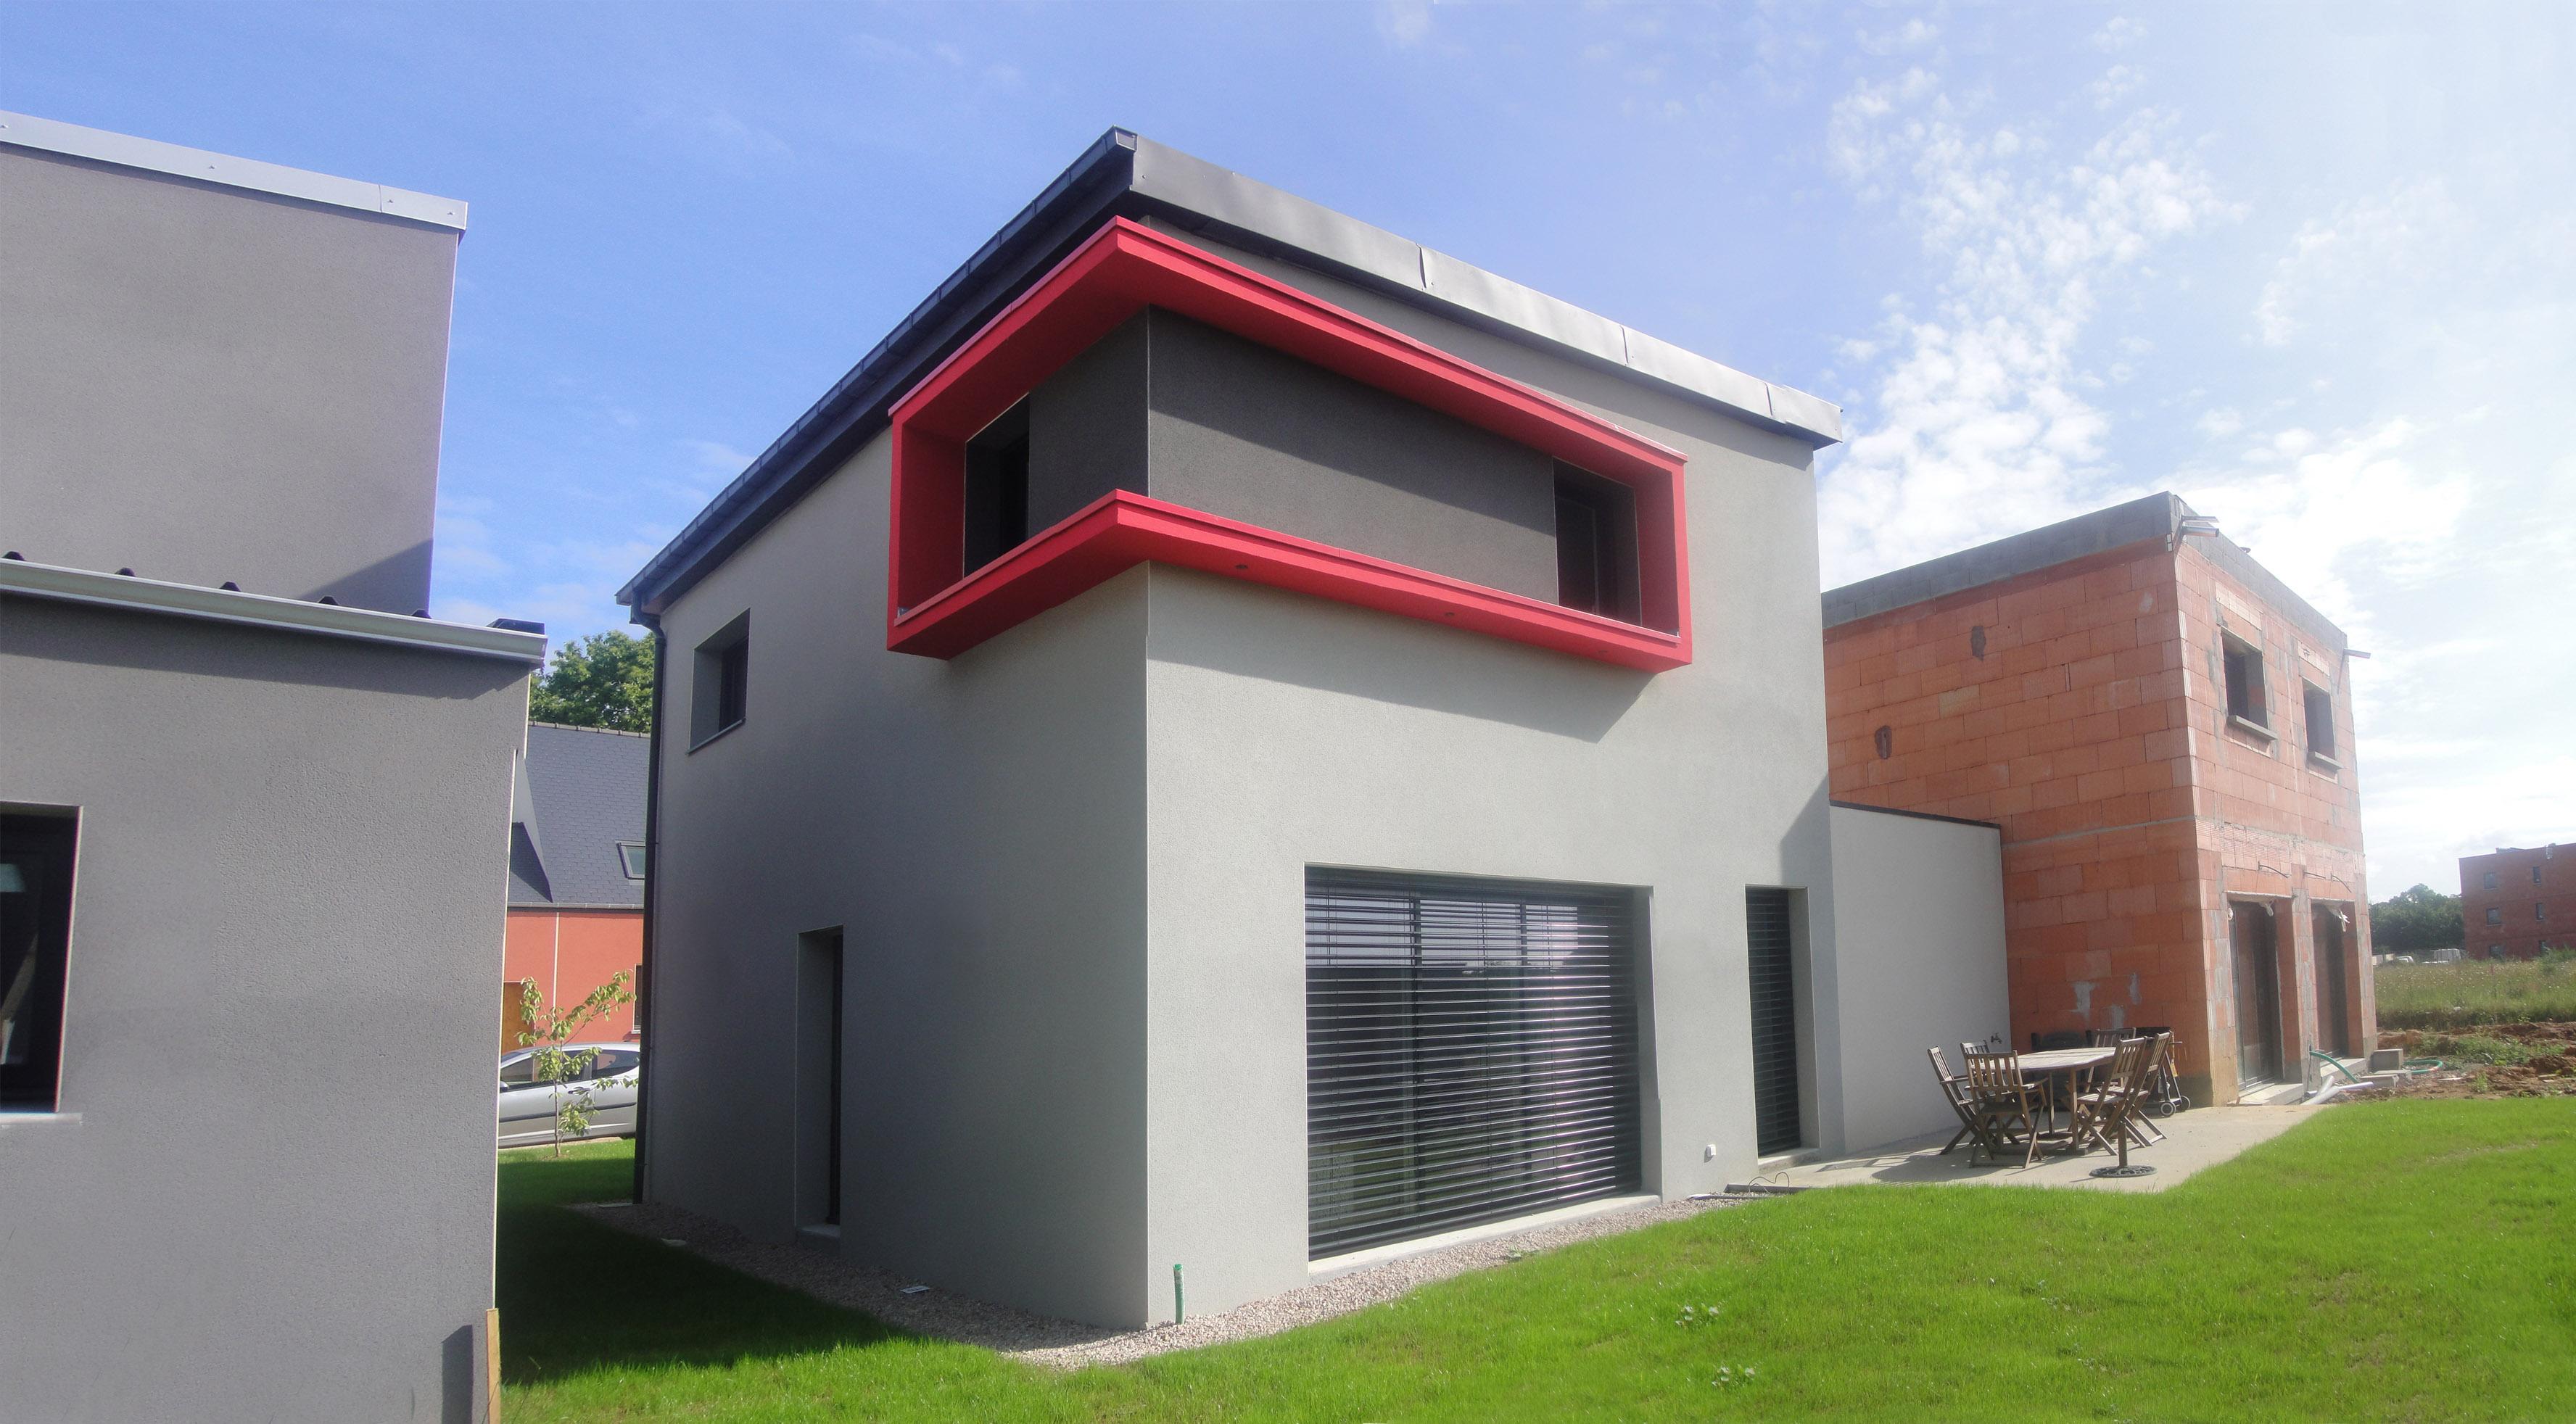 Projet a a 1 2 vue architecte lise roturier rennes for Maison neuve projet